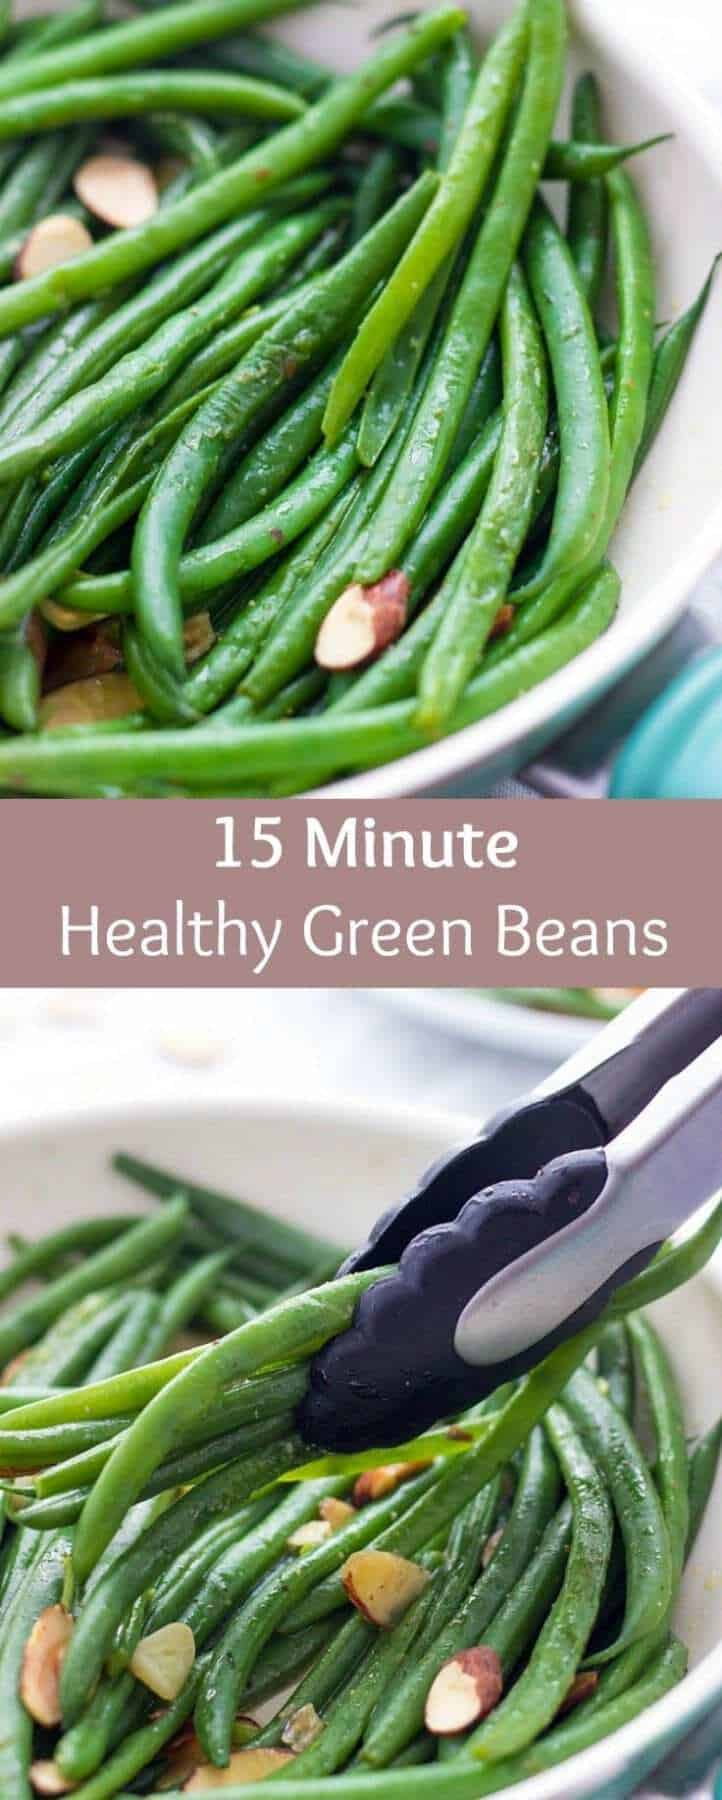 Pan Sautéed green beans